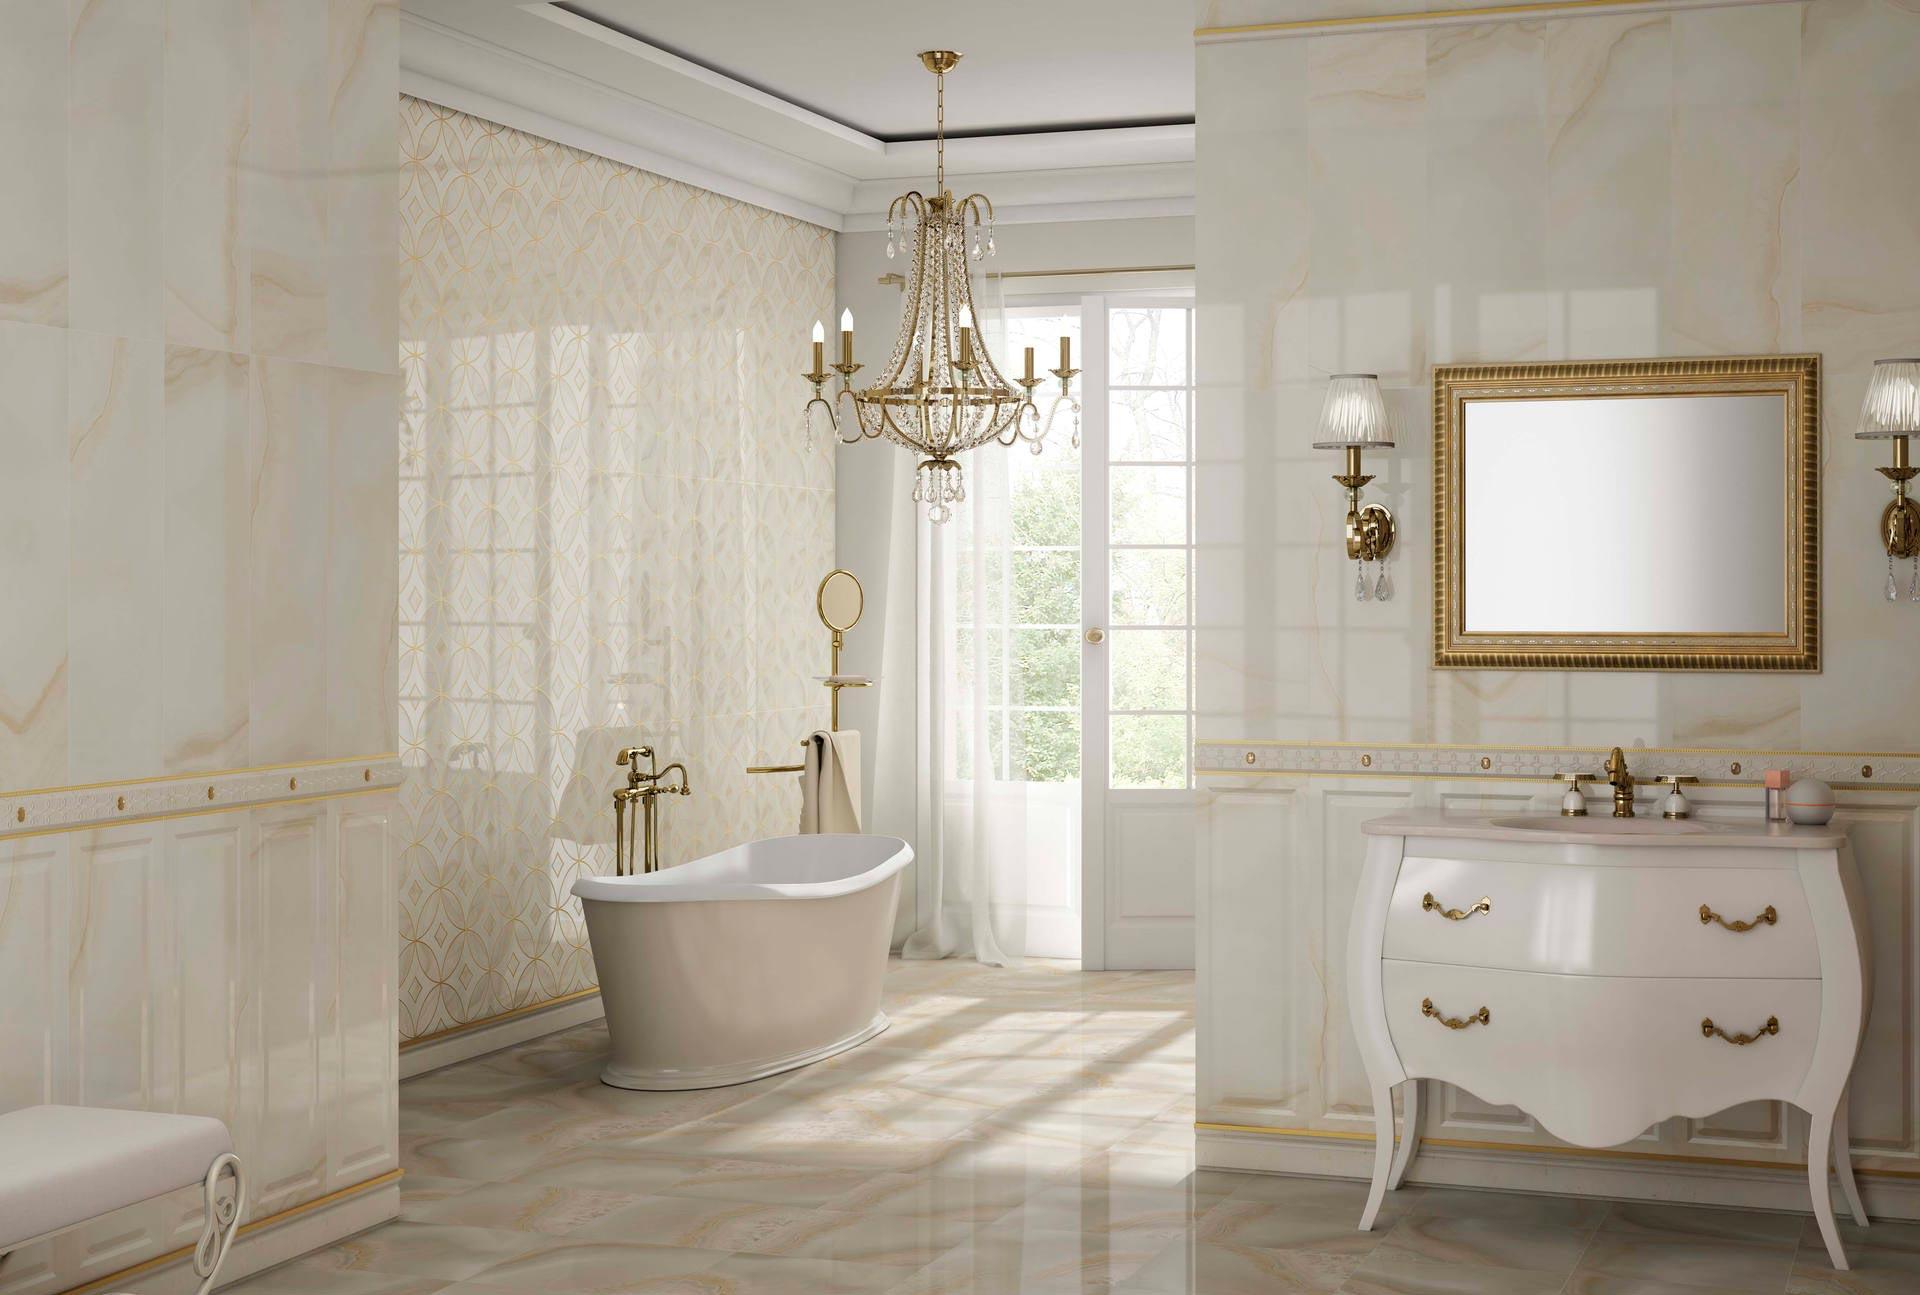 Стиль винтаж для ванной комнаты в мраморе